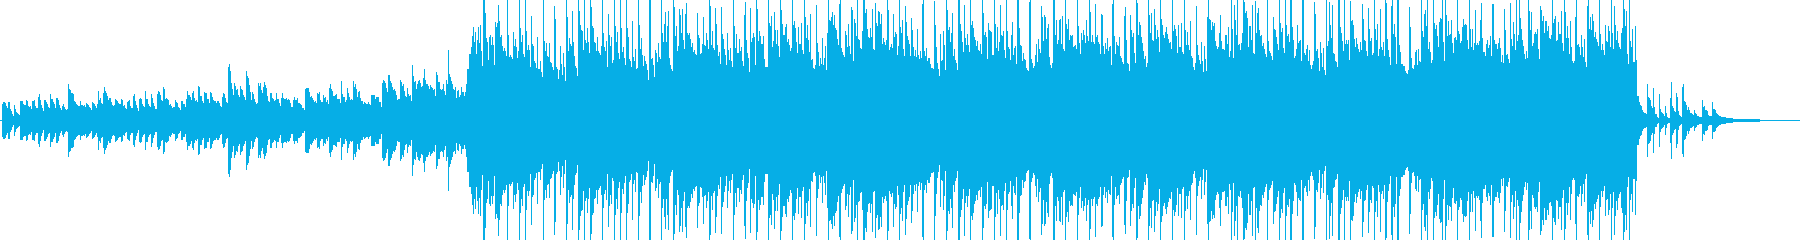 ゆったりとした和風ロックの再生済みの波形